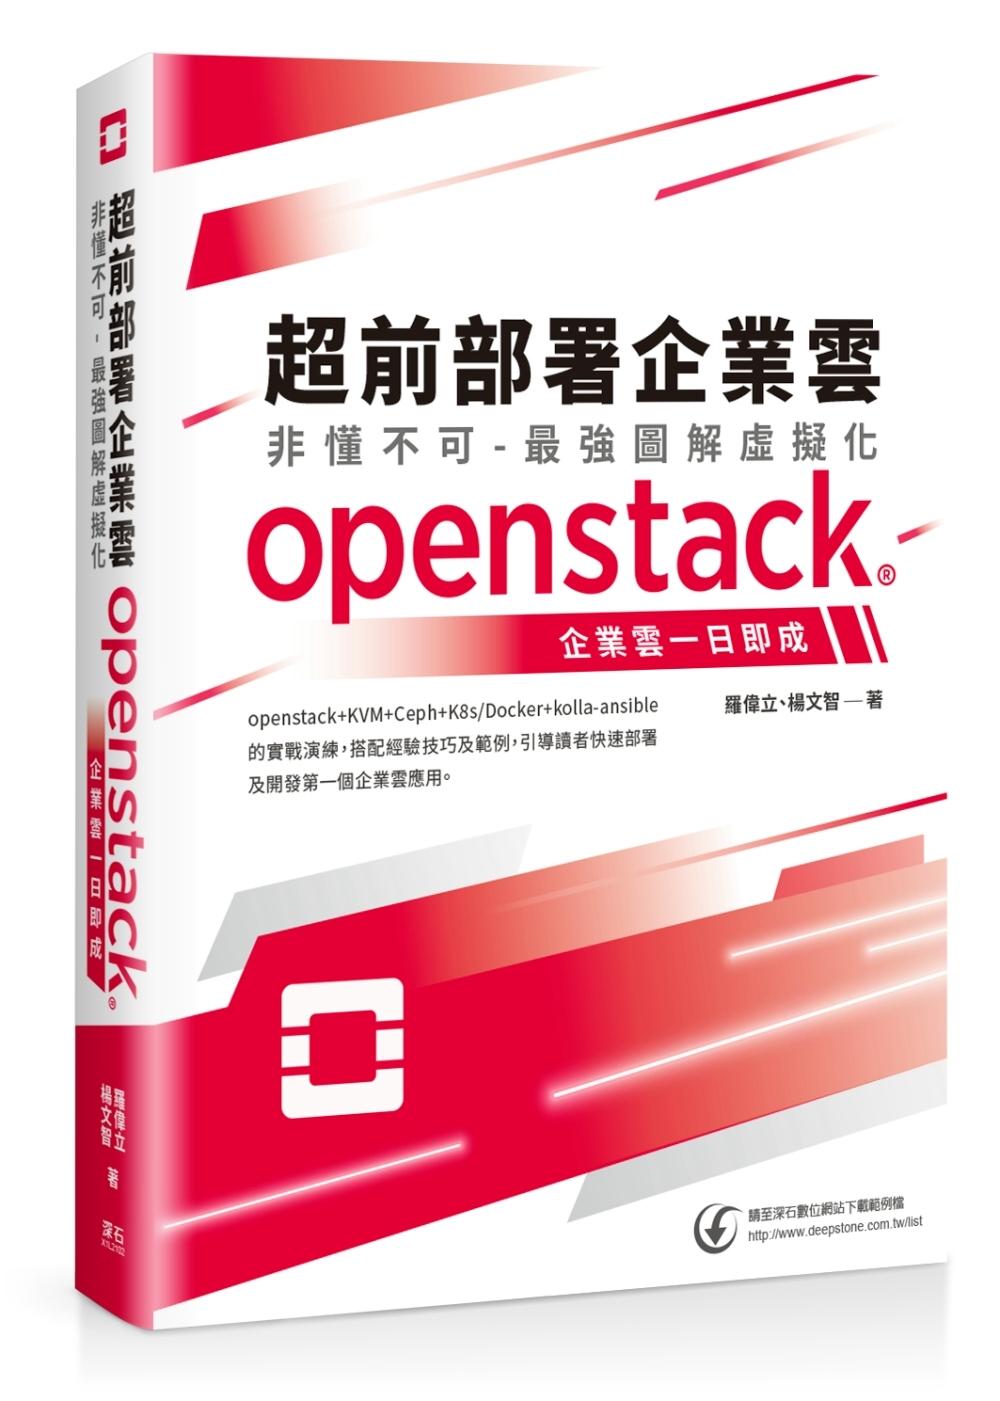 超前部署企業雲 非懂不可:最強圖解虛擬化,openstack企業雲一日即成